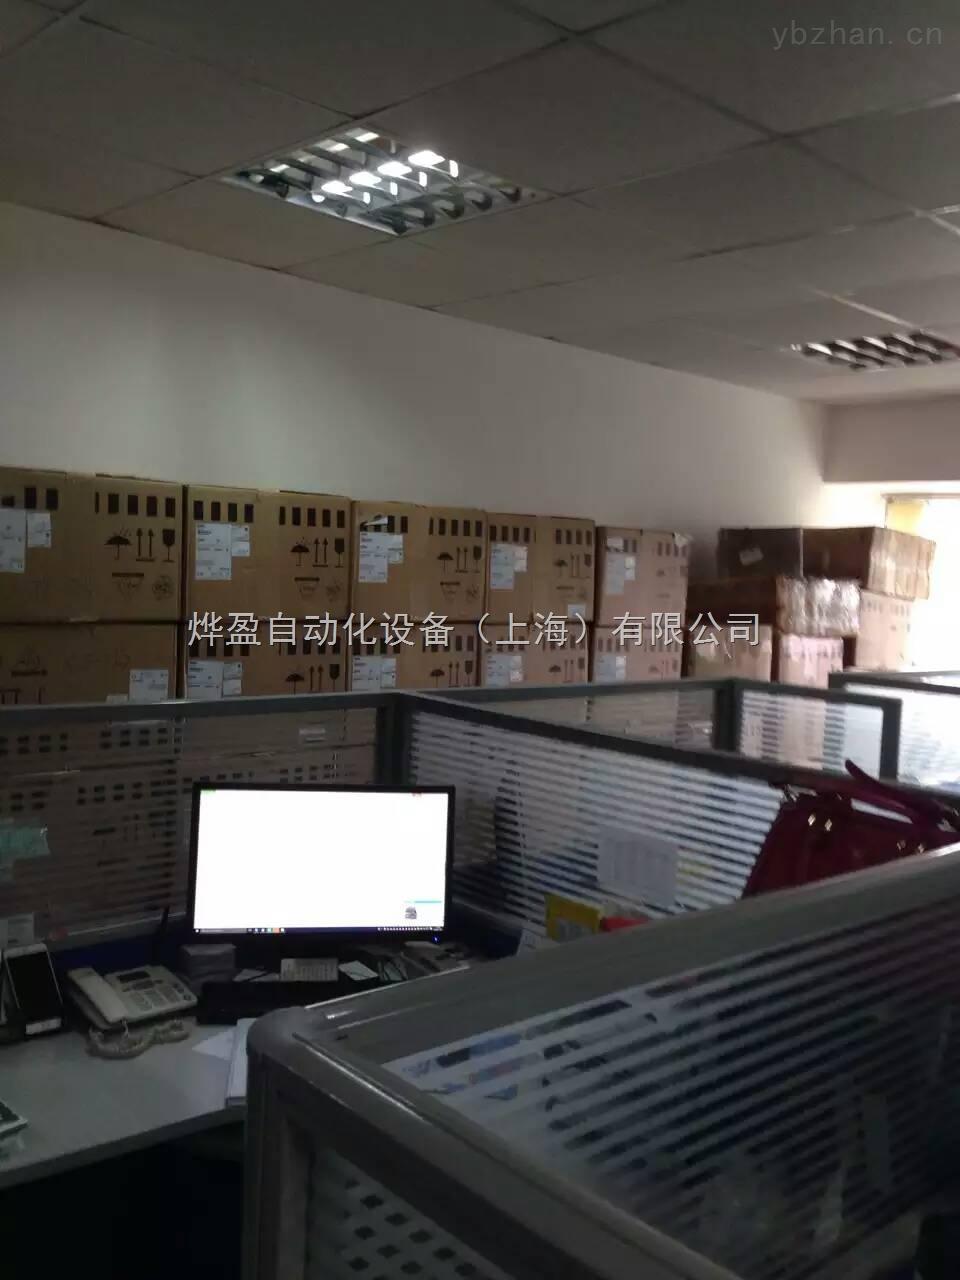 在線紅外煙氣分析儀7MB2338-0AK10-3NW1